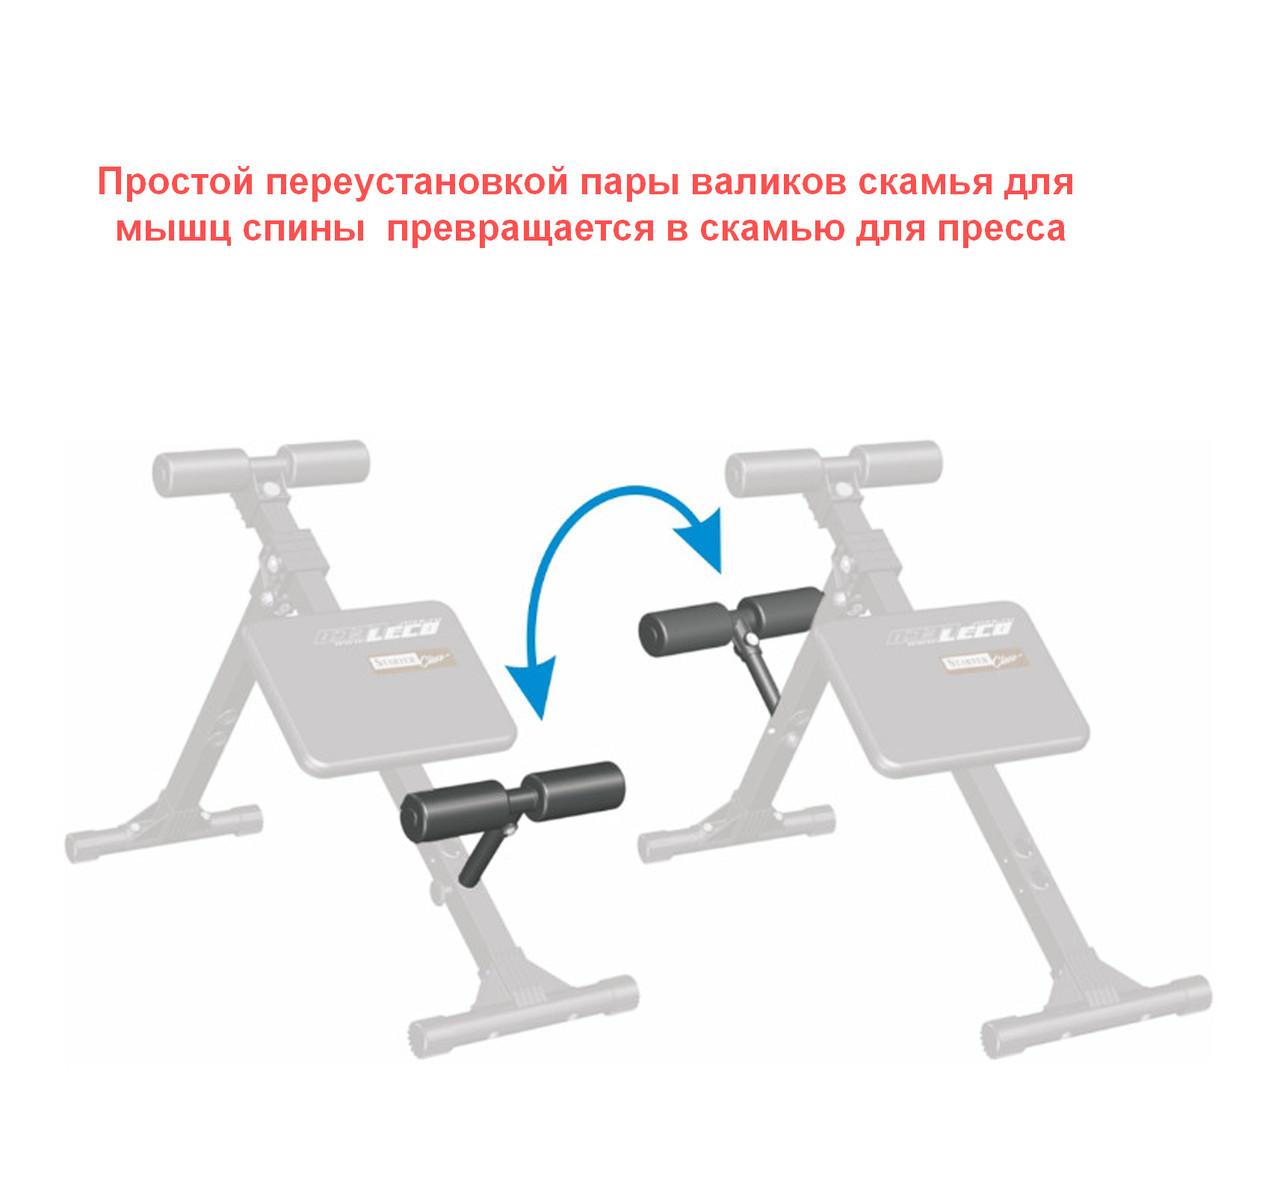 Скамья для пресса и мышц спины 140 кг Россия - фото 3